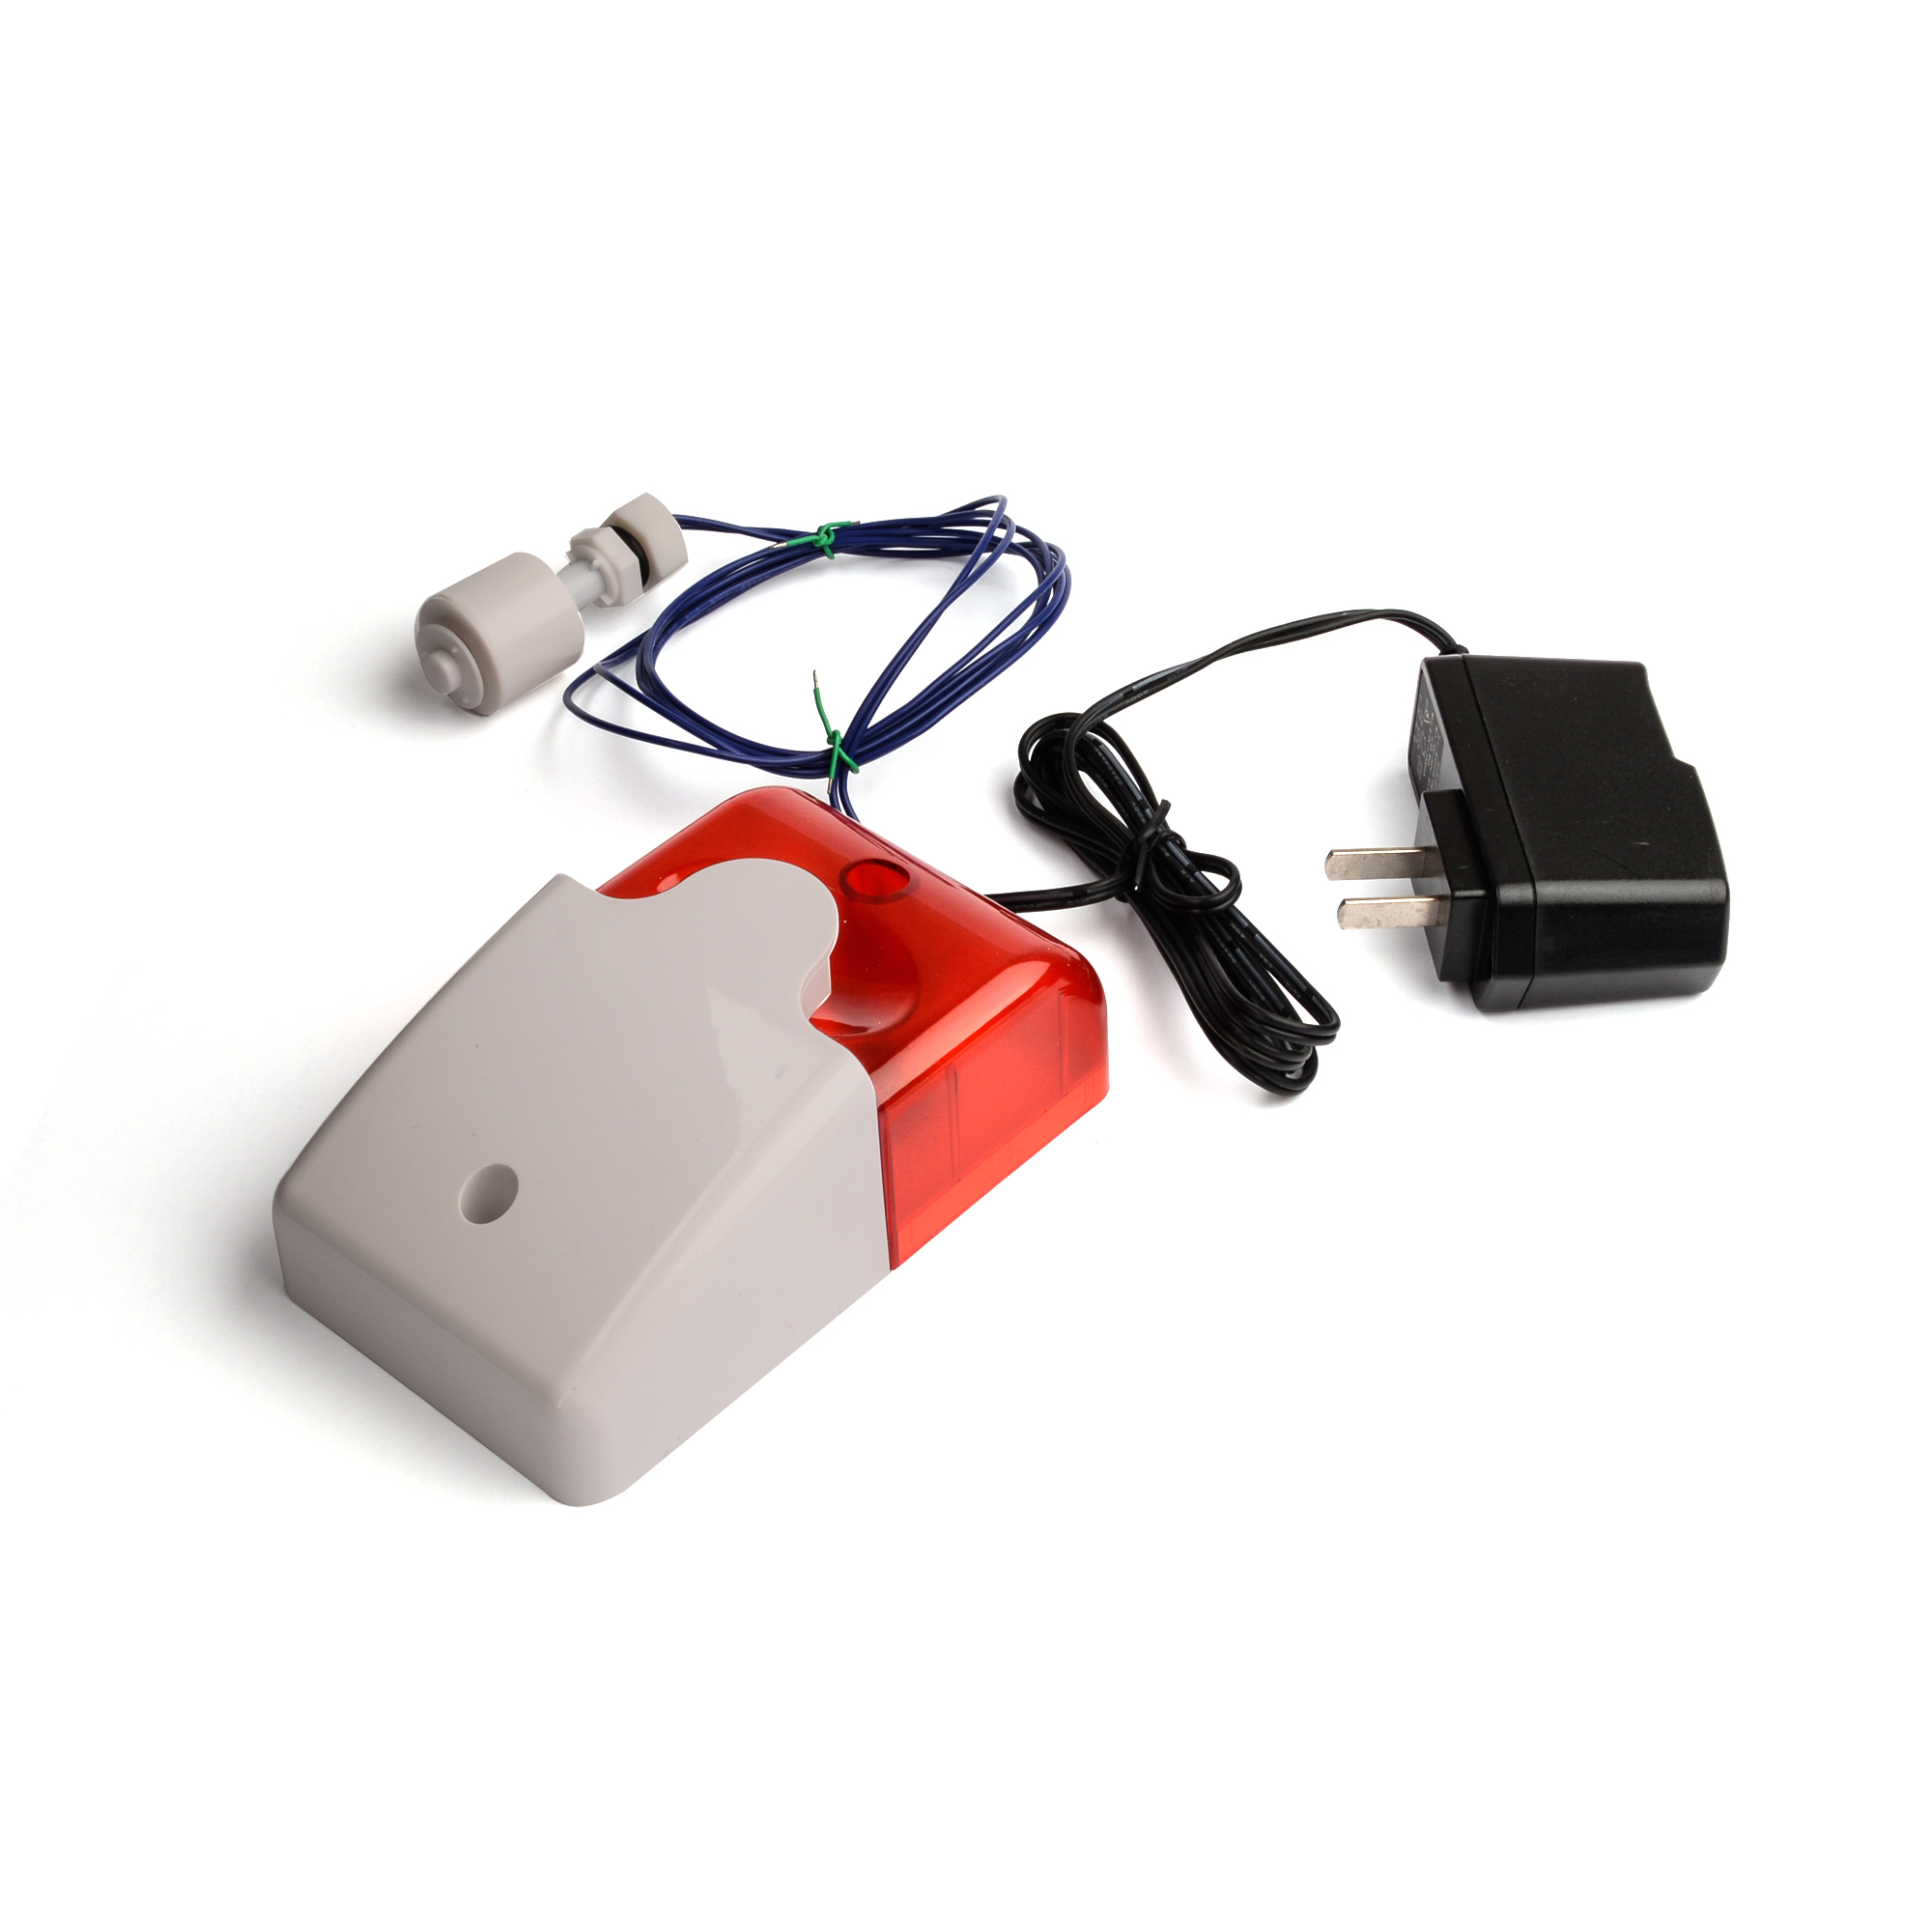 Мини смарт безопасности уровня воды сигнализации утечки воды детектор сигнализации ванная комната прачечная раковина утечки воды датчик оповещения YB123-SZ